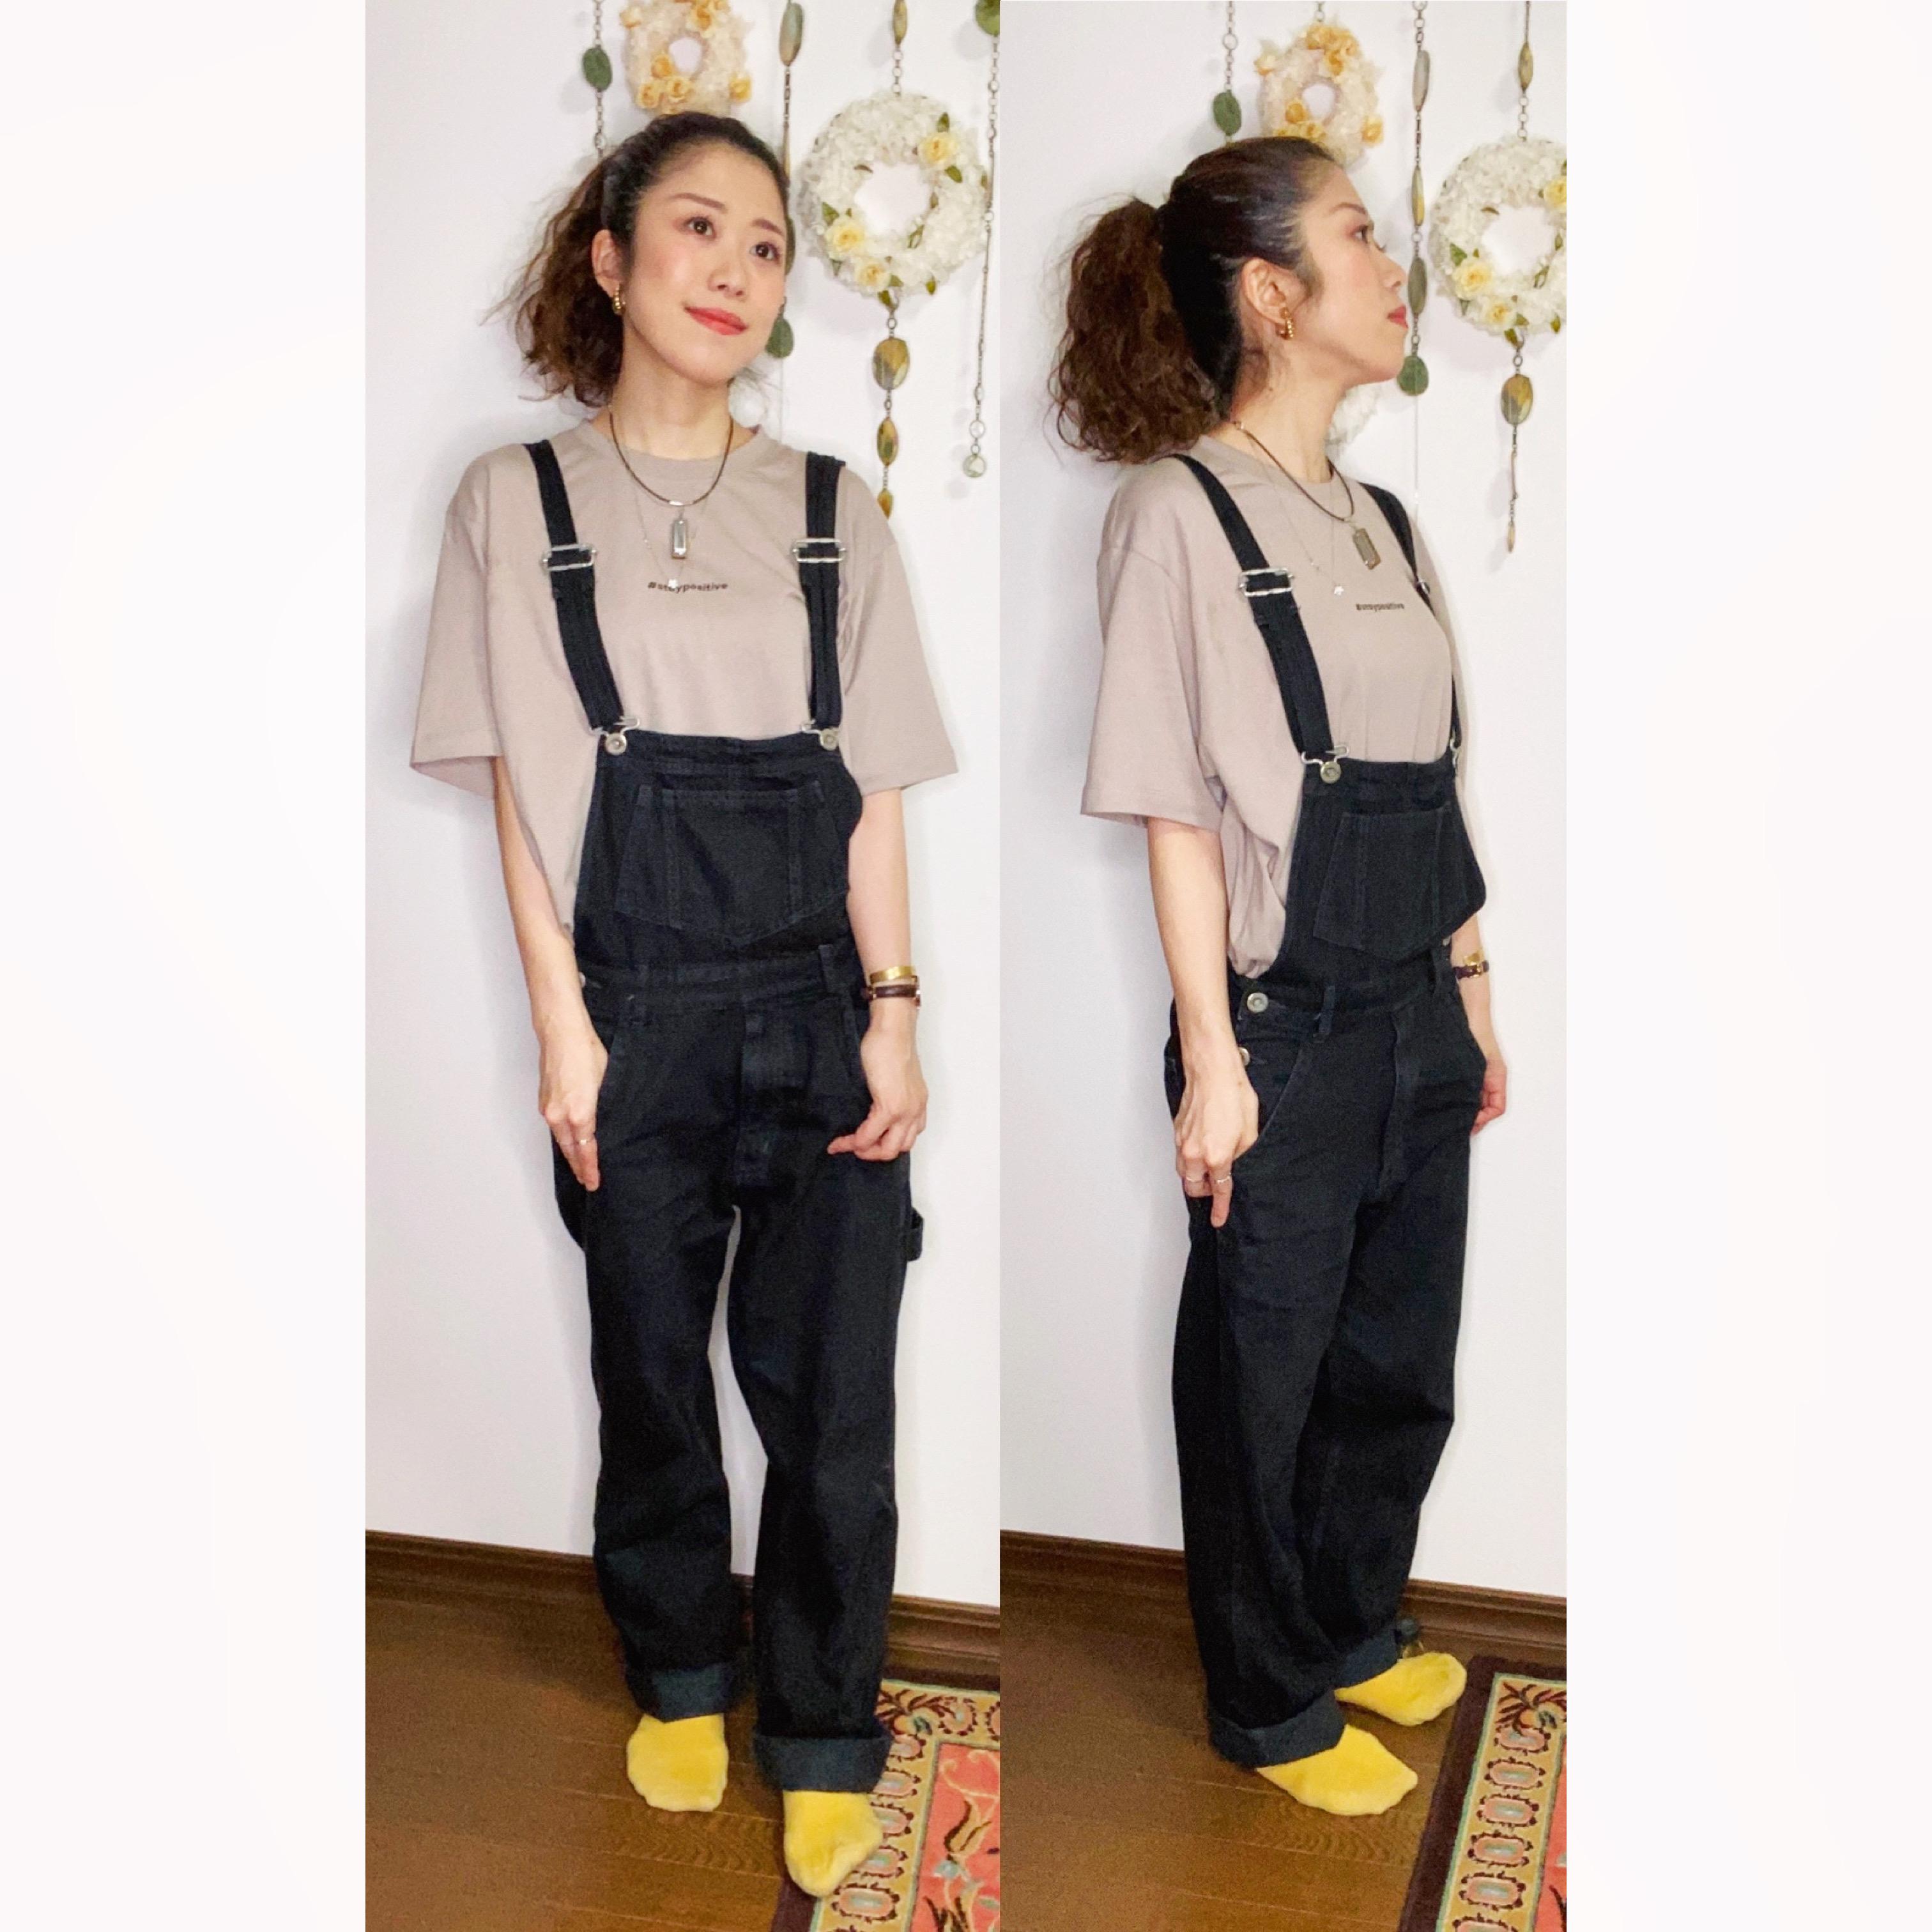 【オンナノコの休日ファッション】2020.8.5【うたうゆきこ】_1